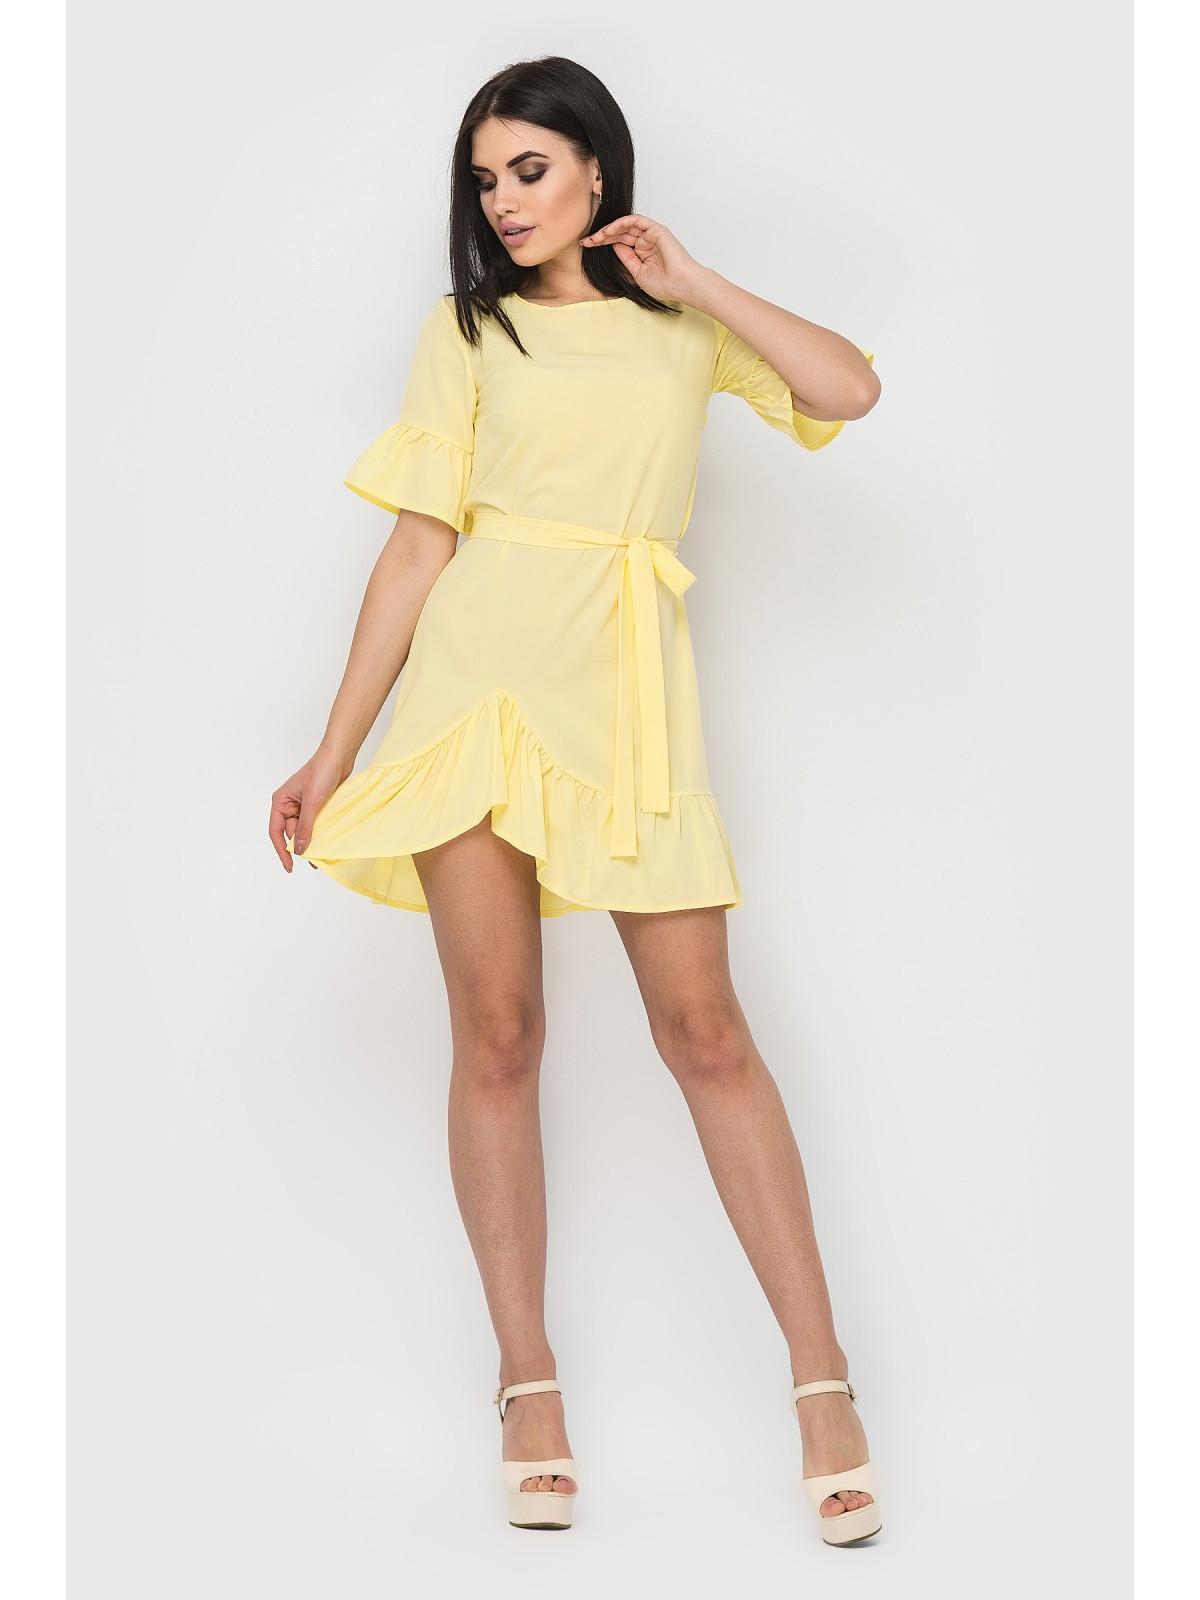 Платье Alina Желтый